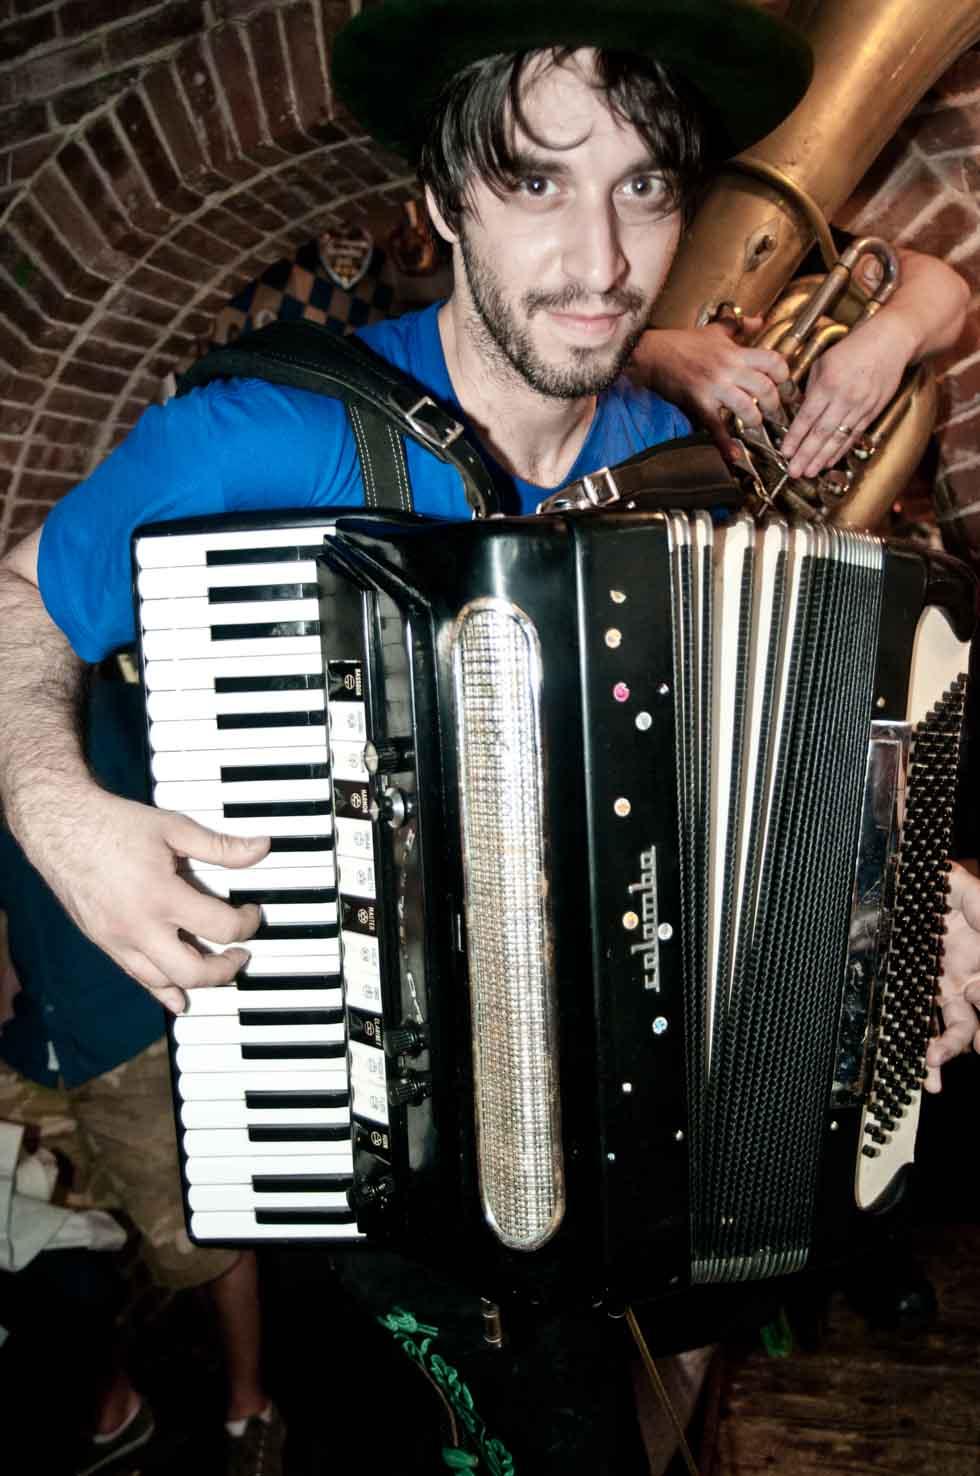 zum-schneider-nyc-2011-oktoberfest-0885.jpg